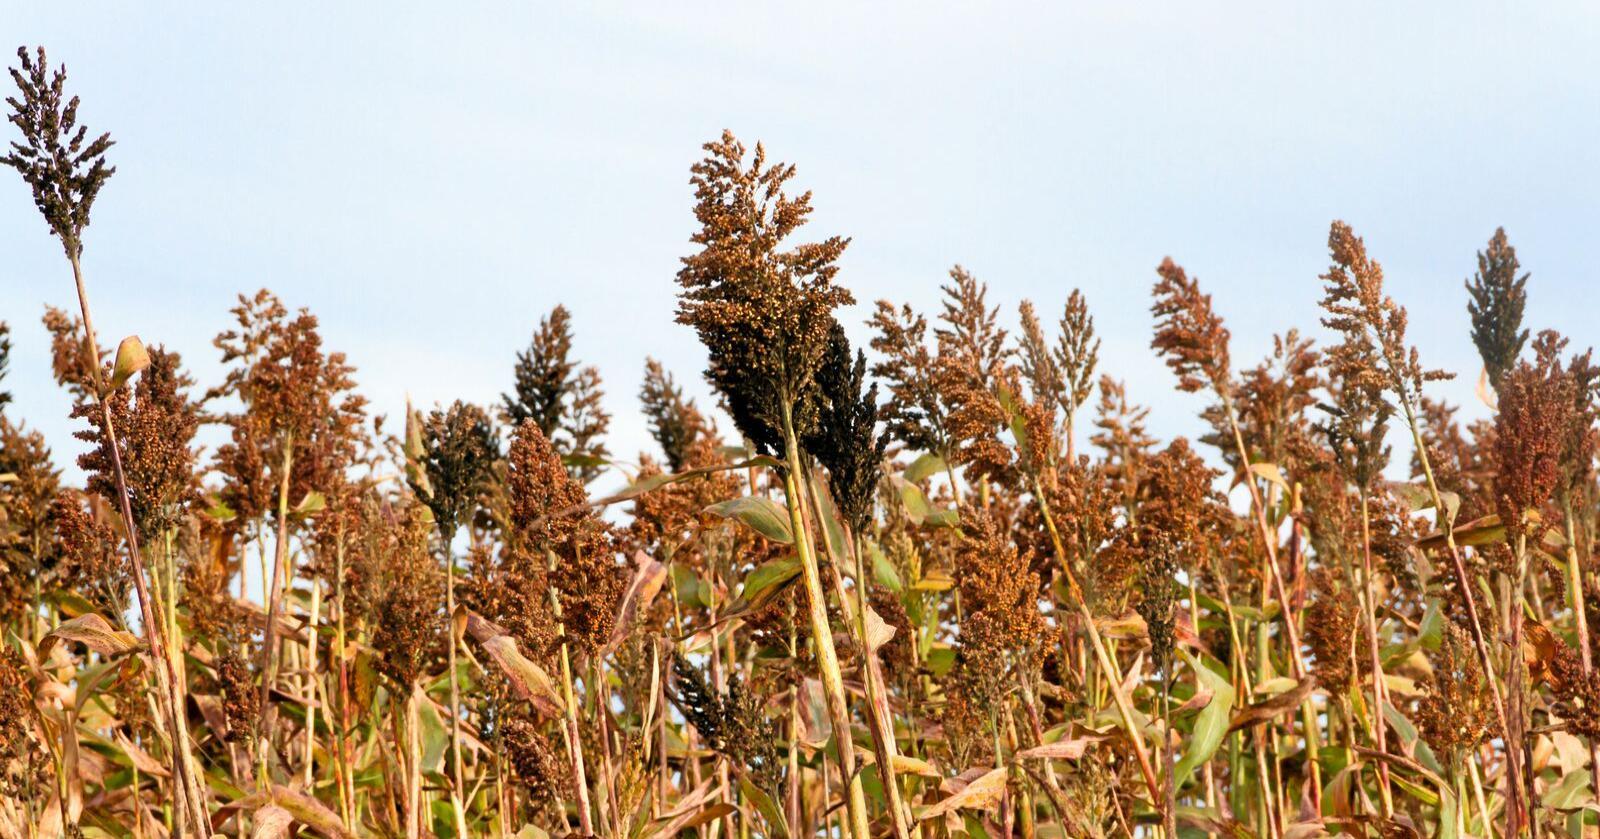 Illustrasjonsbilde av Durra, som er ett glutenfritt kornslag, som ofte dyrkes i afrikanske land som Somalia. Foto: Mostphotos